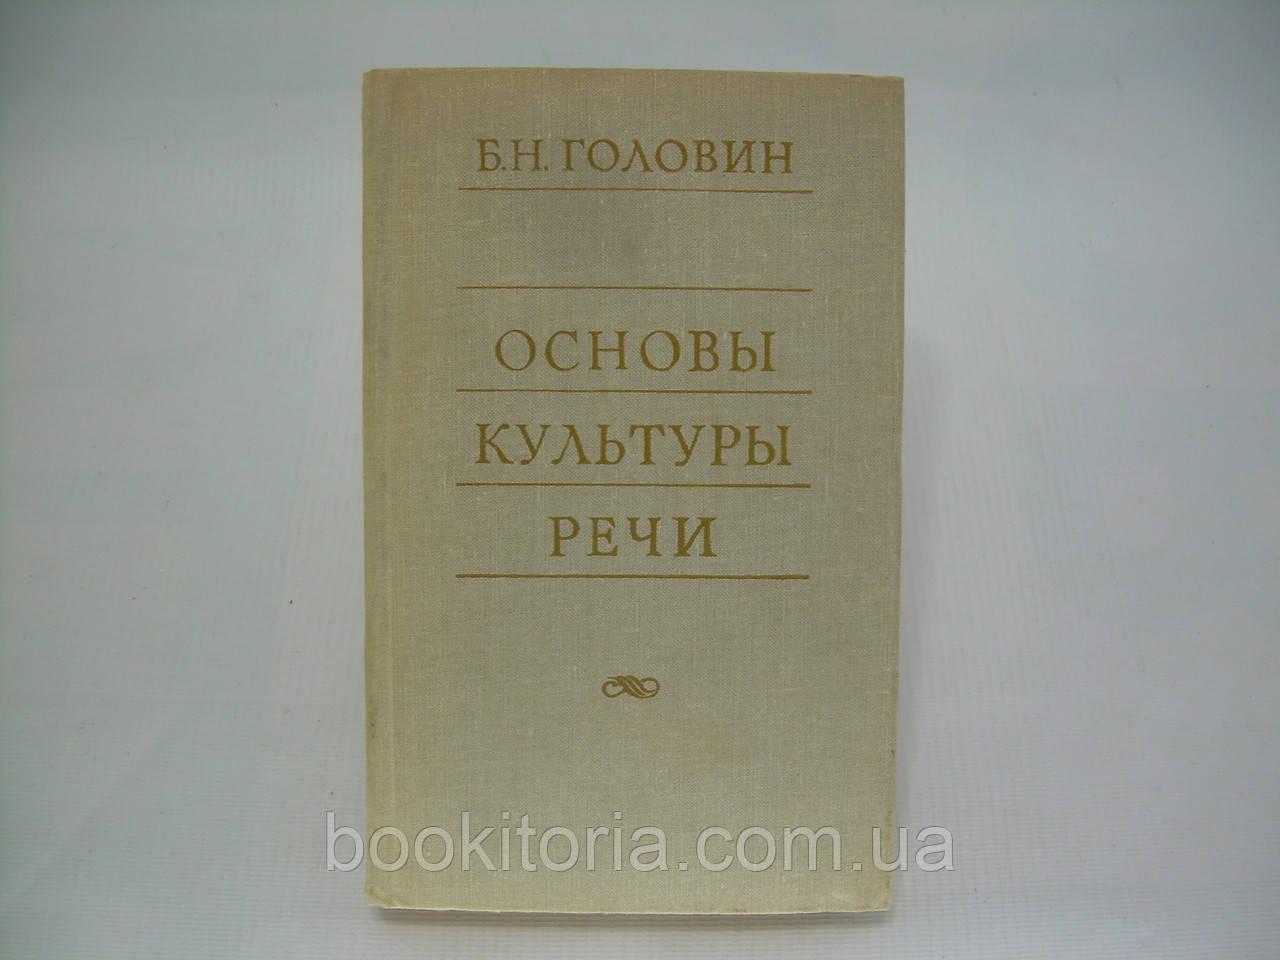 Головин Б.Н. Основы культуры речи (б/у).